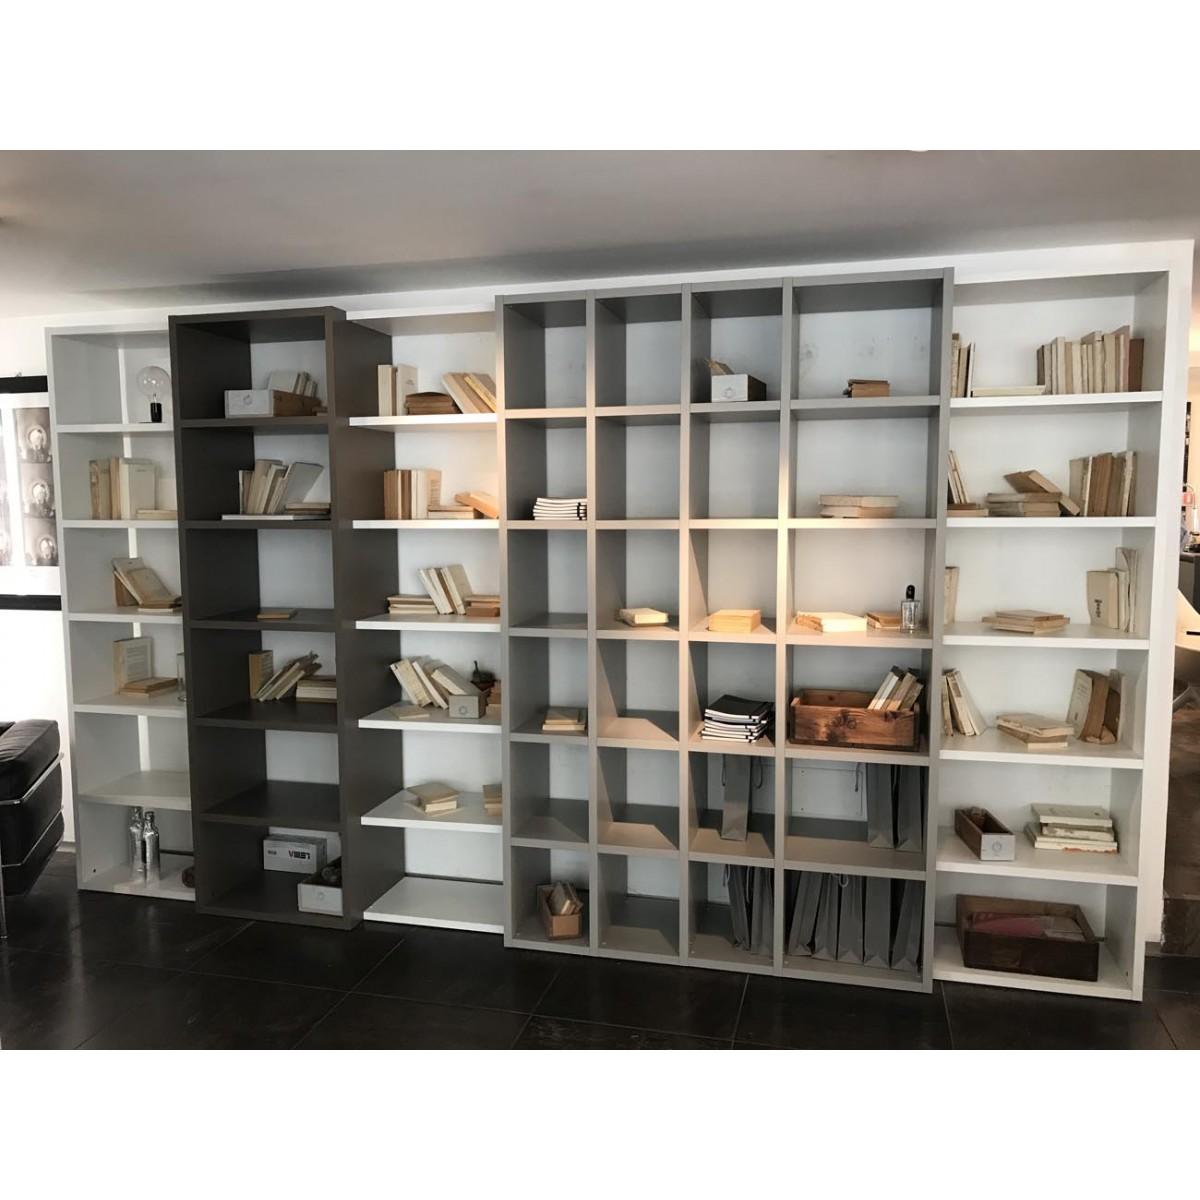 Lema Selecta Bookcase Outlet | Desout.com